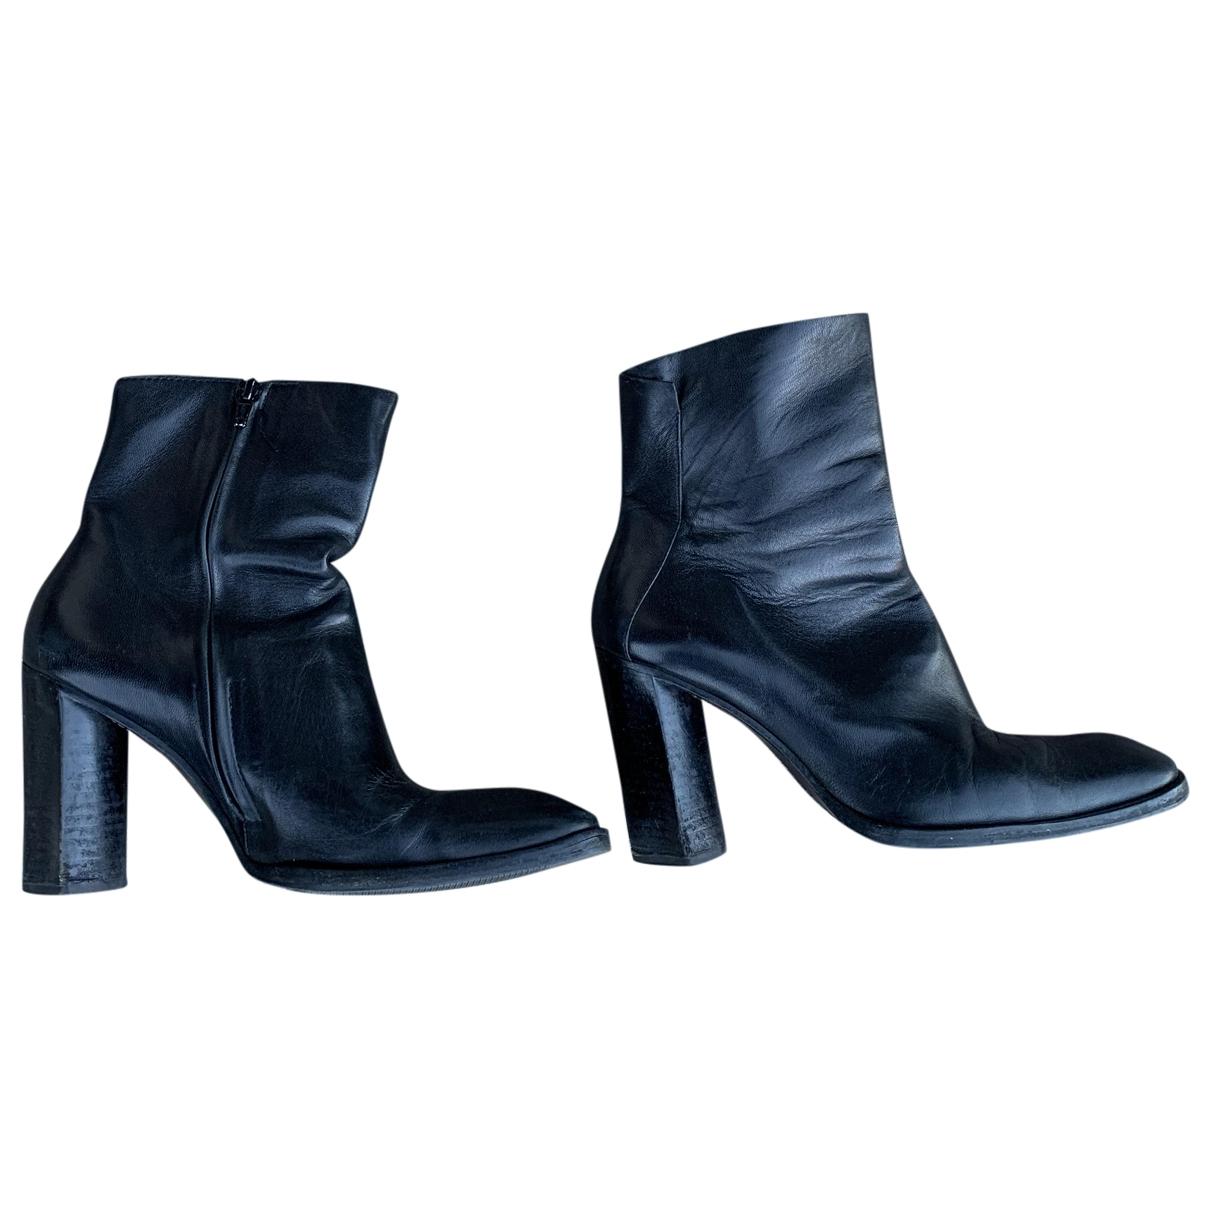 Costume National - Bottes   pour femme en cuir - noir